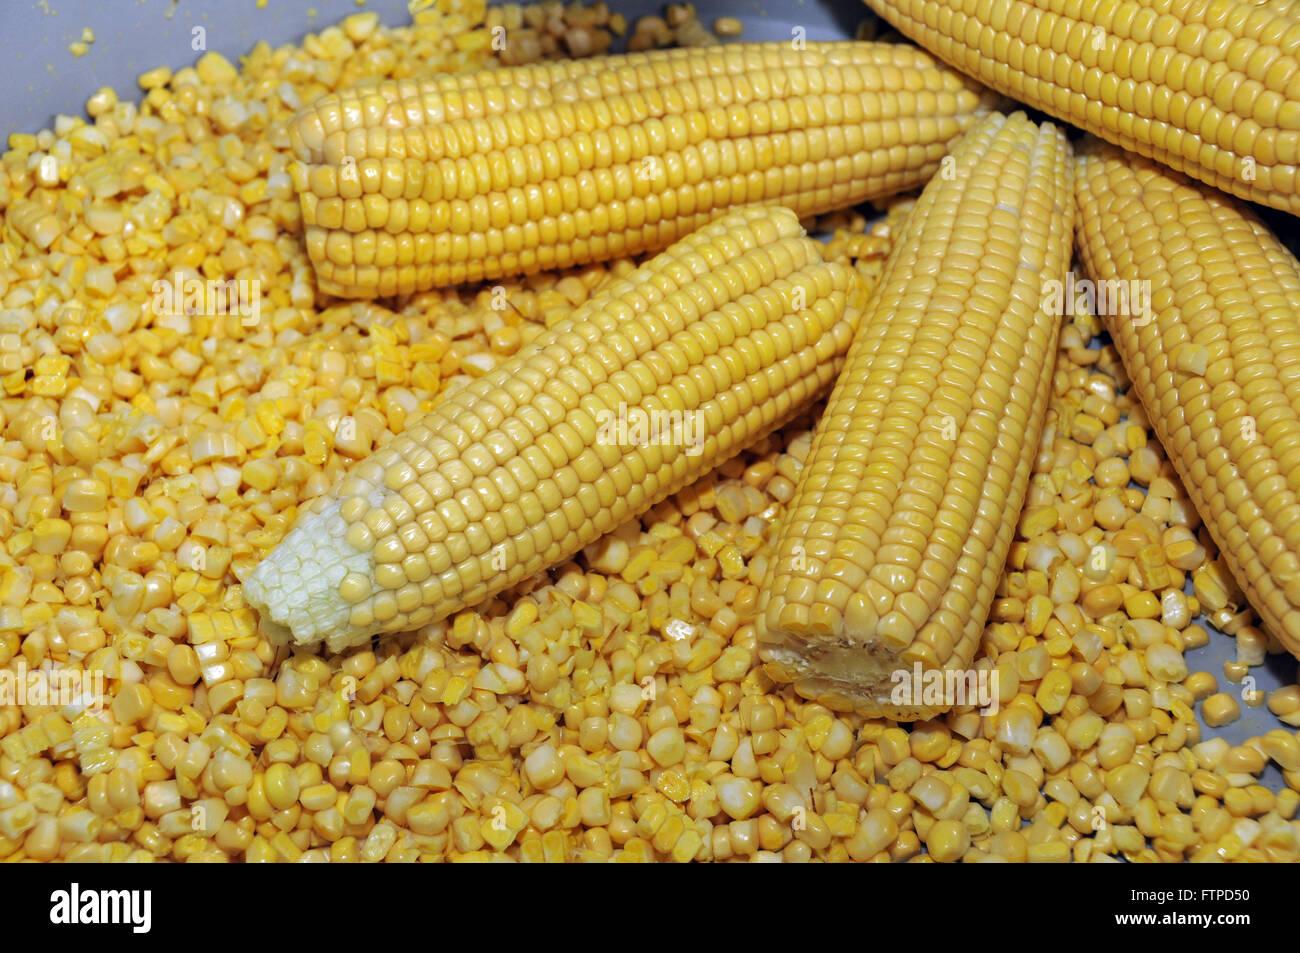 Spighe di grano per la produzione di polenta Immagini Stock